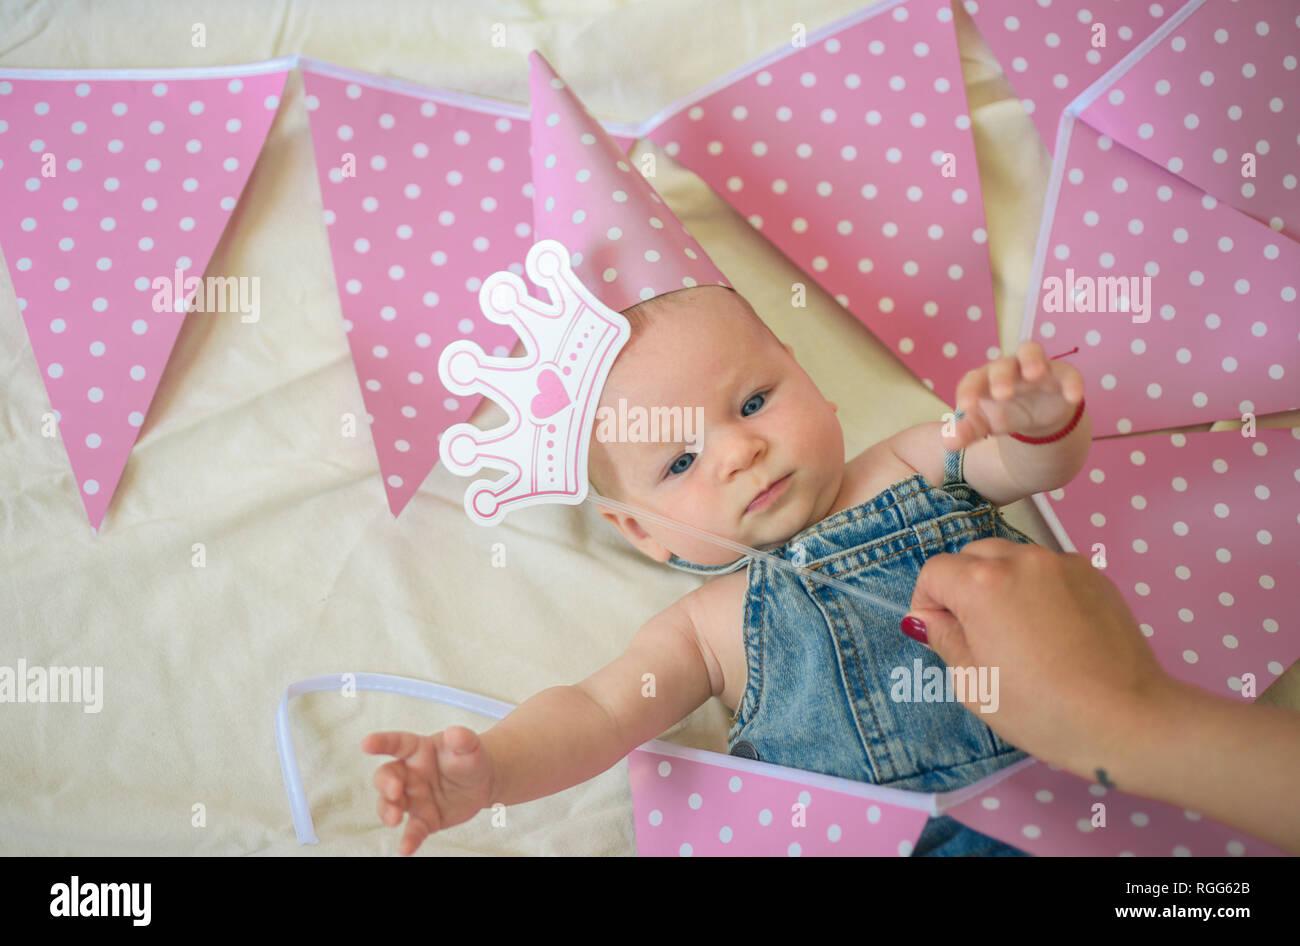 Wir Sind So Glücklich Süße Kleine Baby Neues Leben Und Geburt